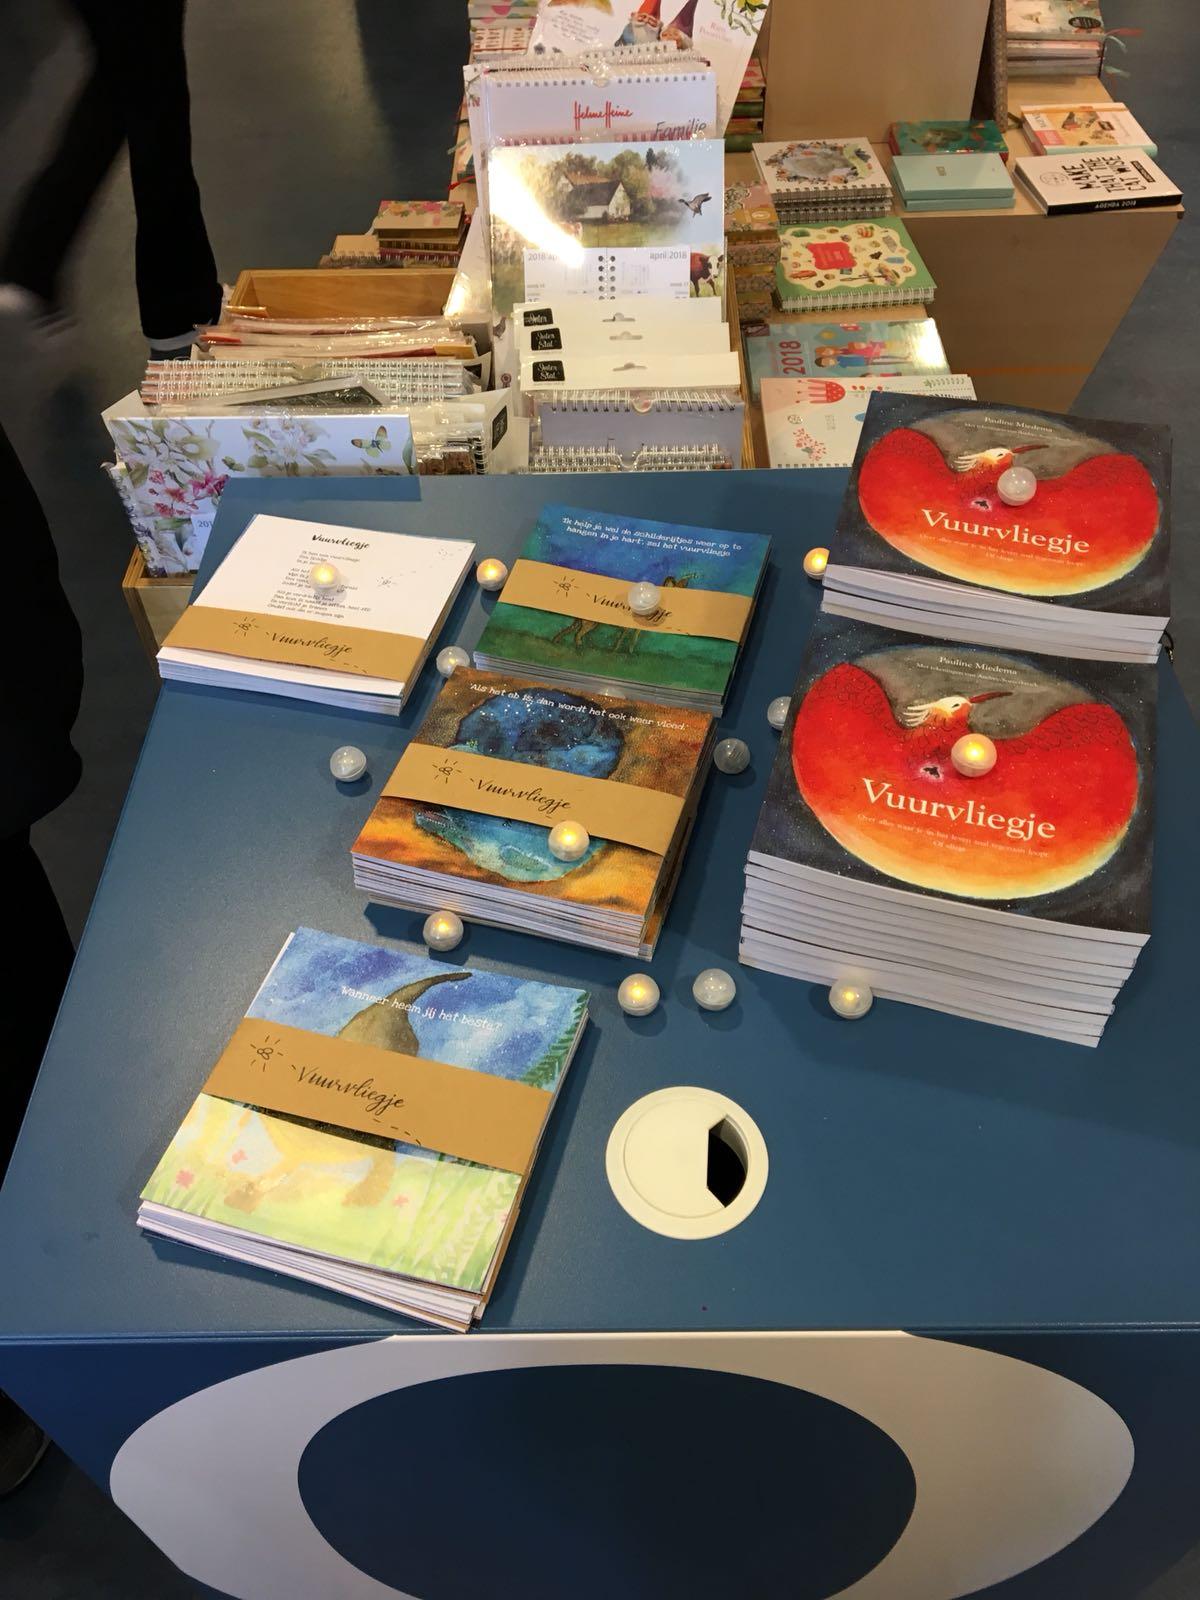 Vuurvliegje genomineerd voor BoekGoud